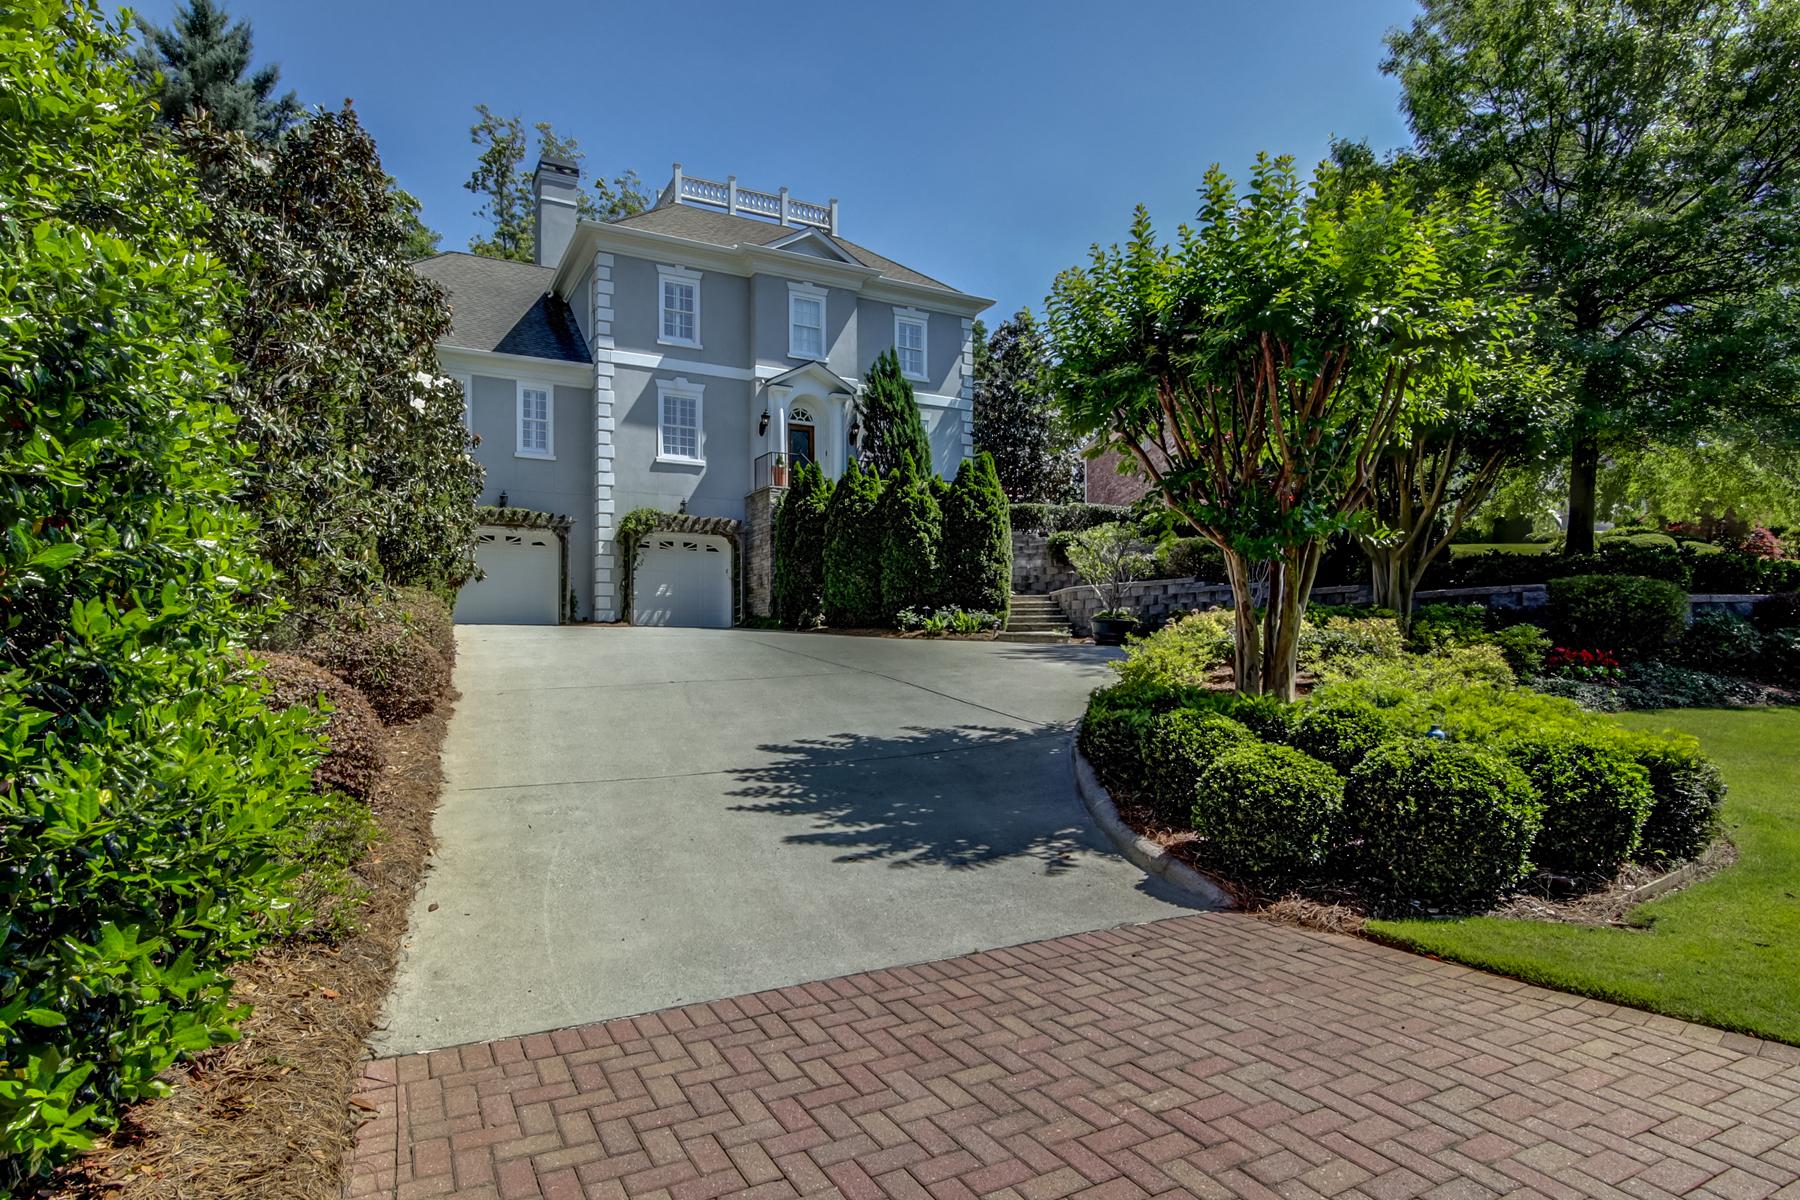 Villa per Vendita alle ore Executive Home In Gated Community 2320 Garden Park Drive Smyrna, Georgia, 30080 Stati Uniti